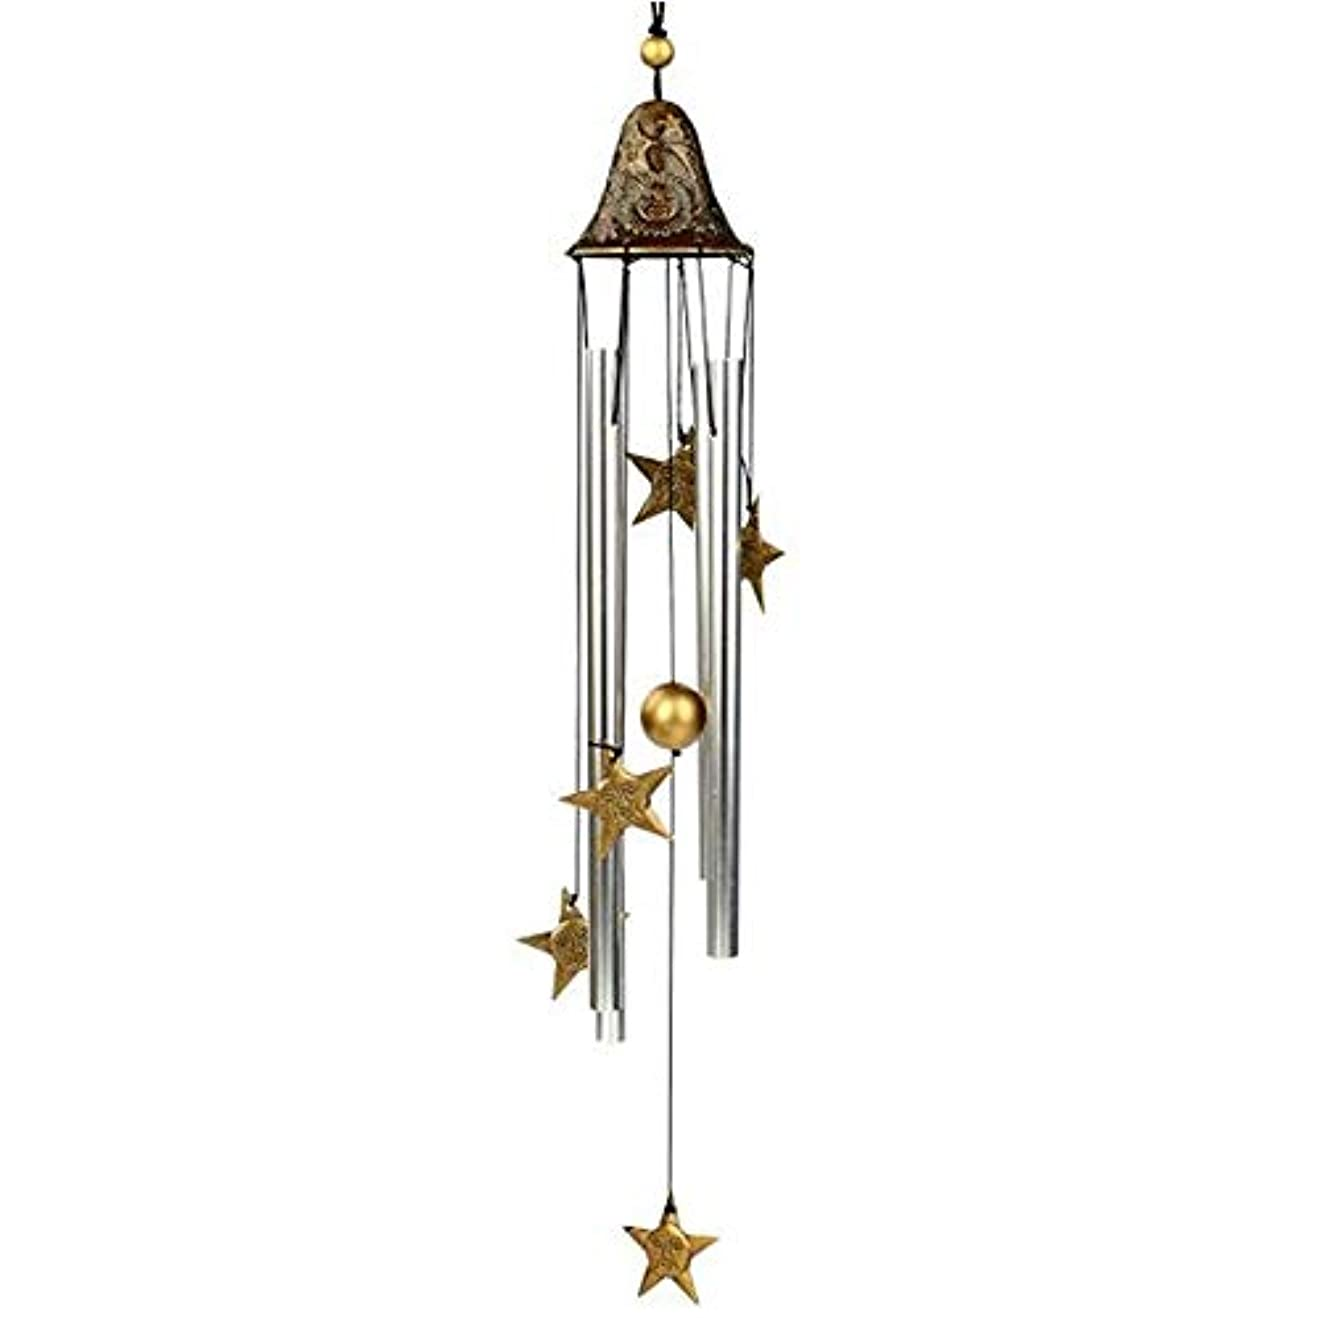 フェローシップ十代あなたのものQiyuezhuangshi 風チャイム、手作りメタル4チューブ風の鐘、ゴールド、全身について60CM,美しいホリデーギフト (Color : A)